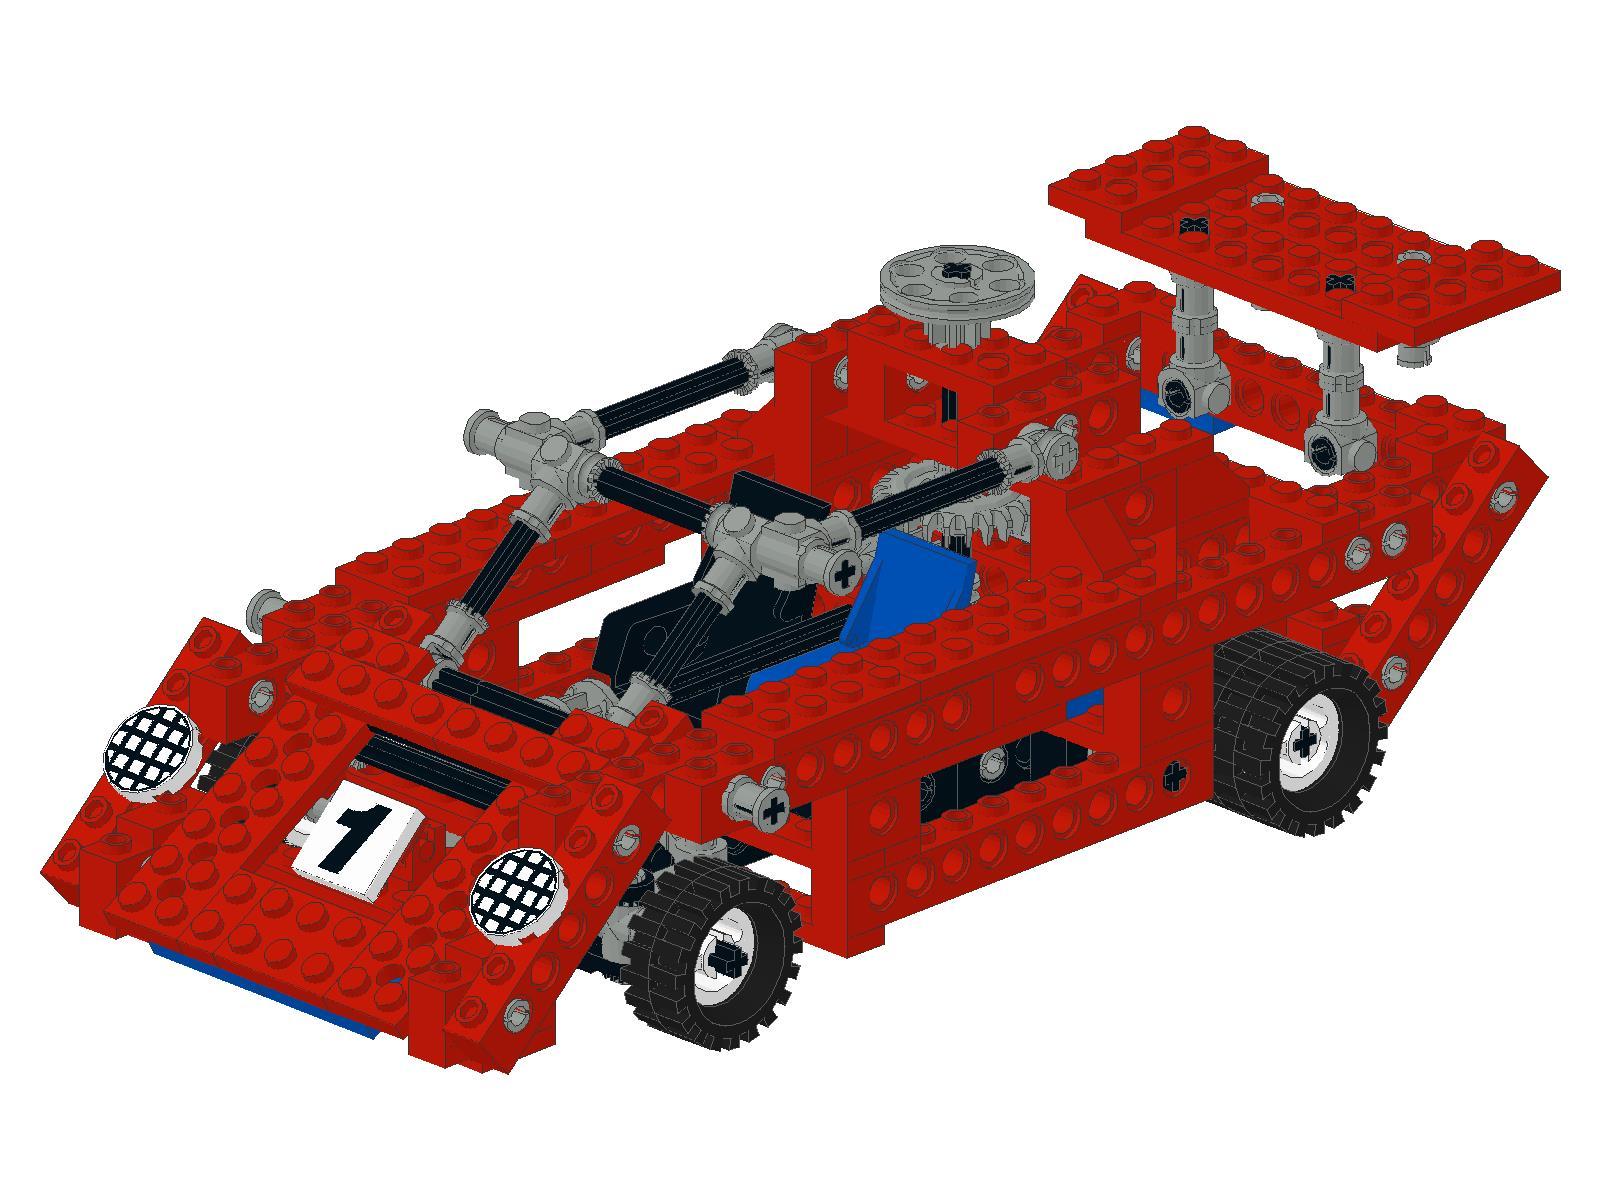 [Image: technic_racer_8024-8815-8820_combi.jpeg]